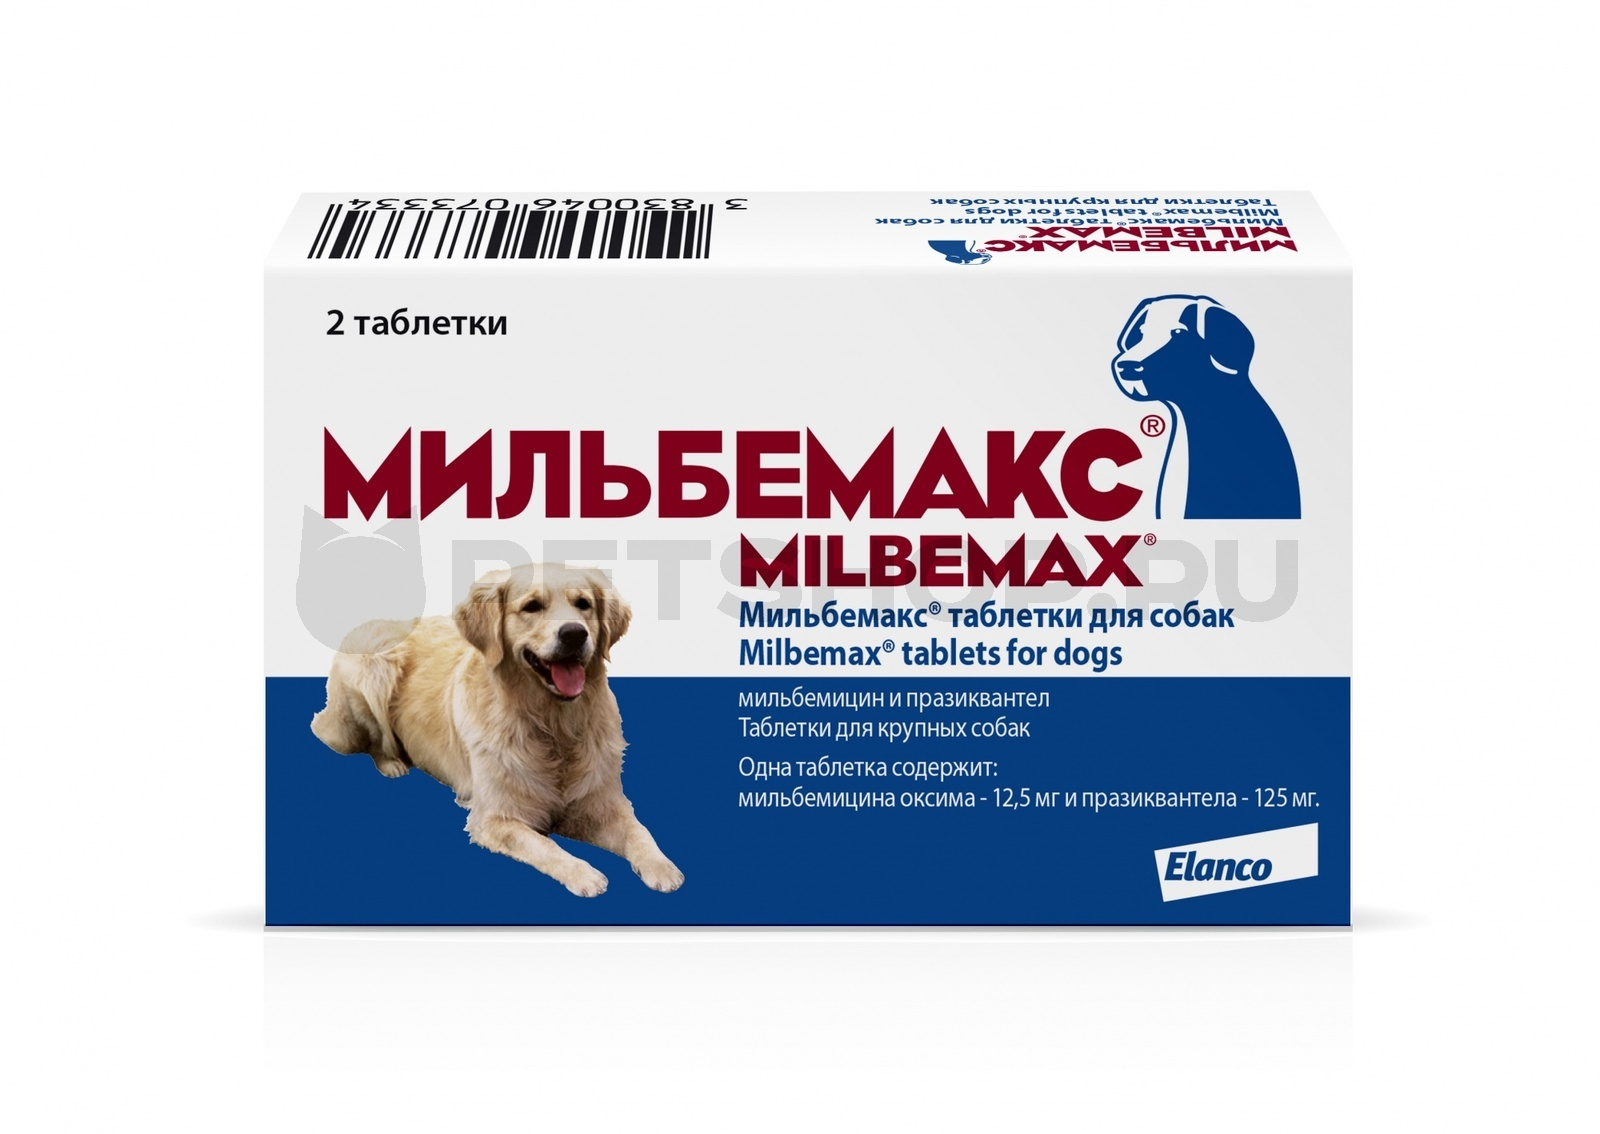 от глистов для собак мильбемакс